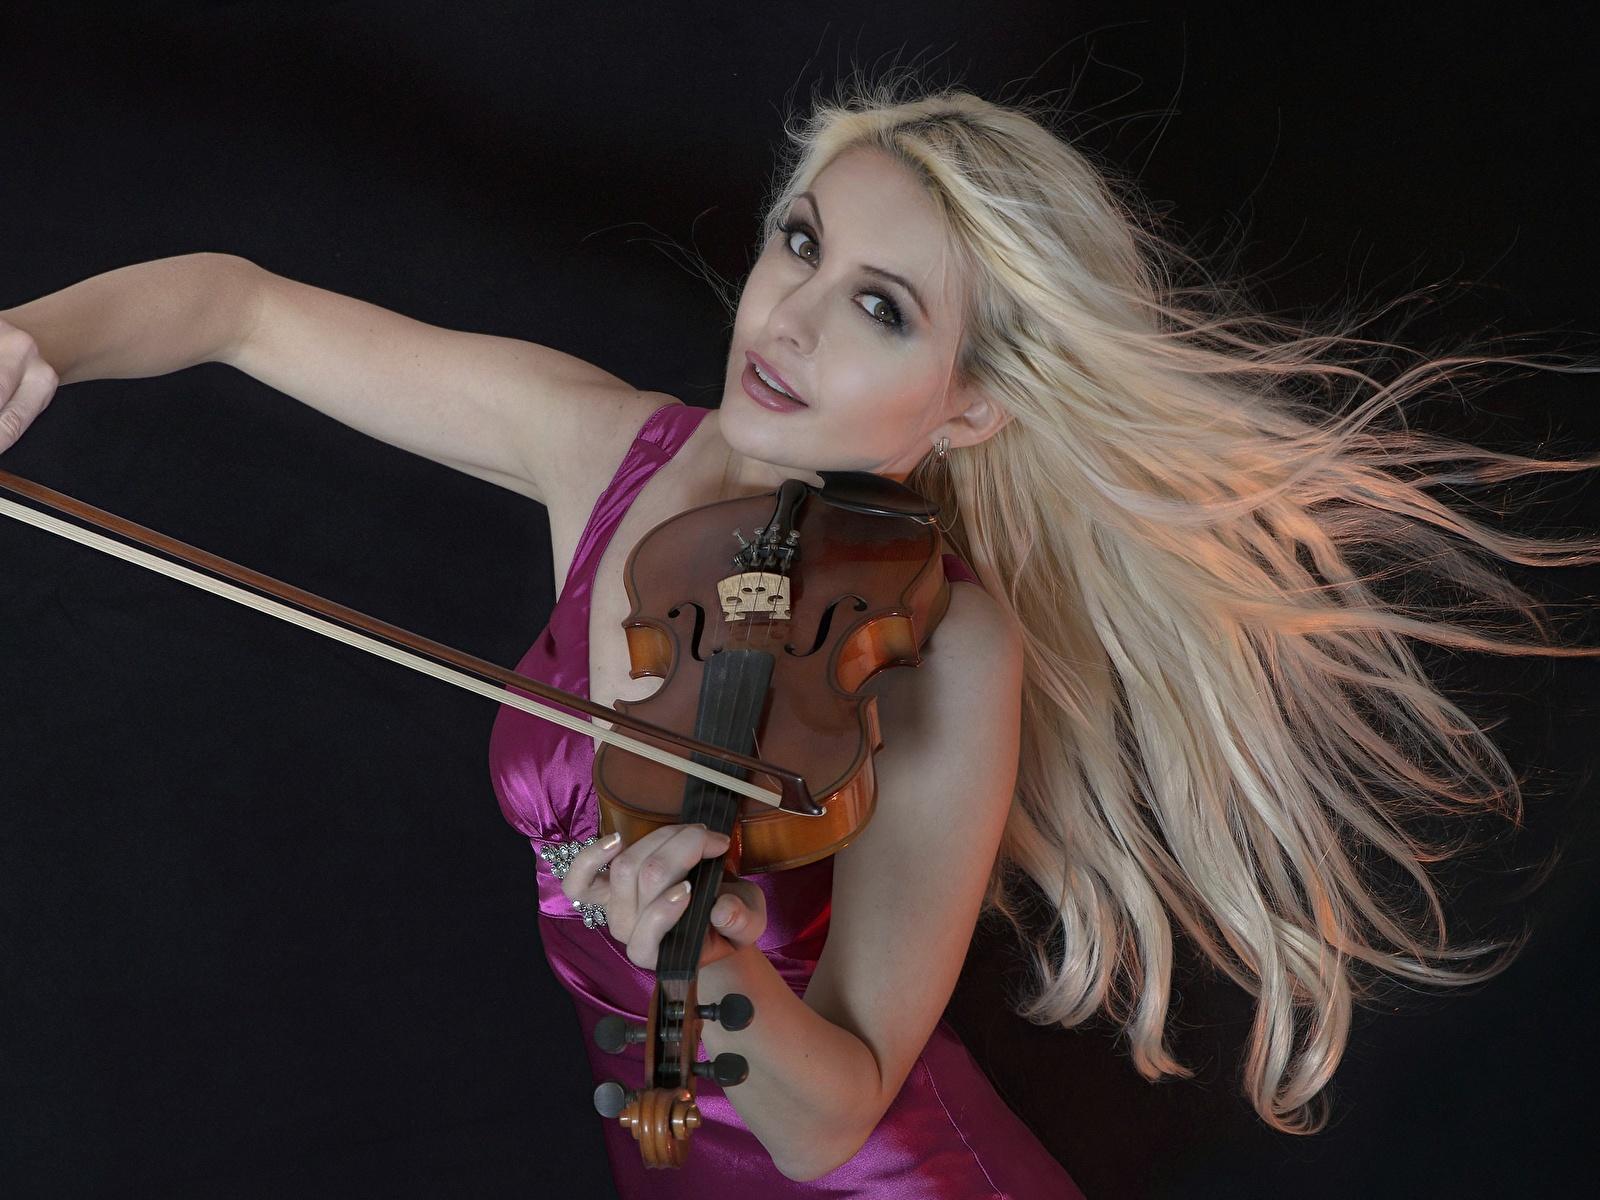 Обои Скрипки блондинок молодые женщины Черный фон 1600x1200 Блондинка блондинки девушка Девушки молодая женщина на черном фоне